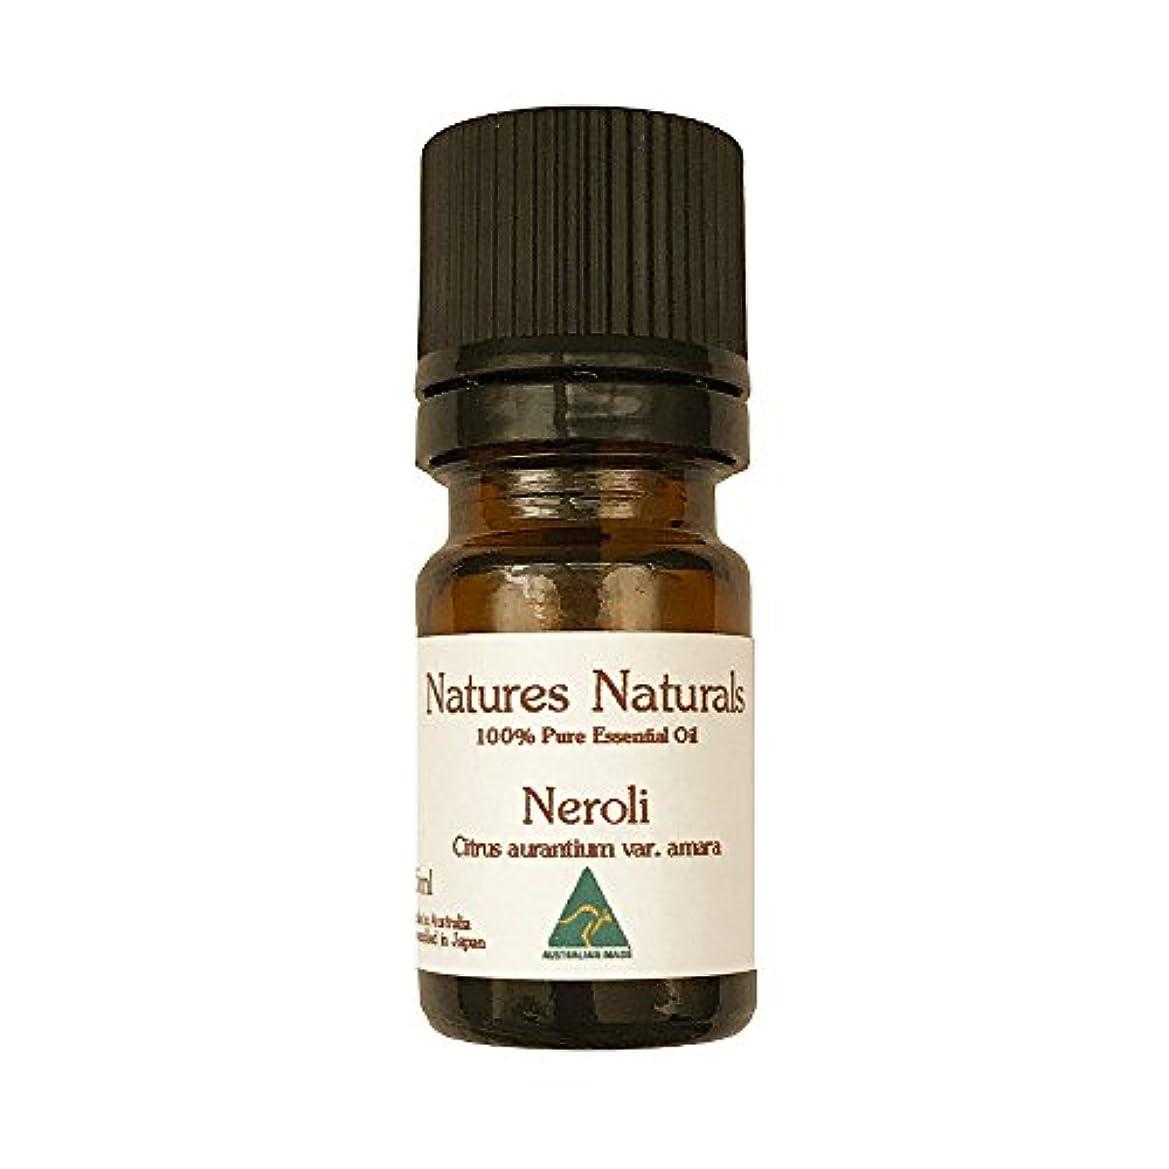 一般的に泳ぐ適合ネロリ 100% 天然精油 エッセンシャルオイル 5ml イタリア産ネロリ pure neroli essential oil